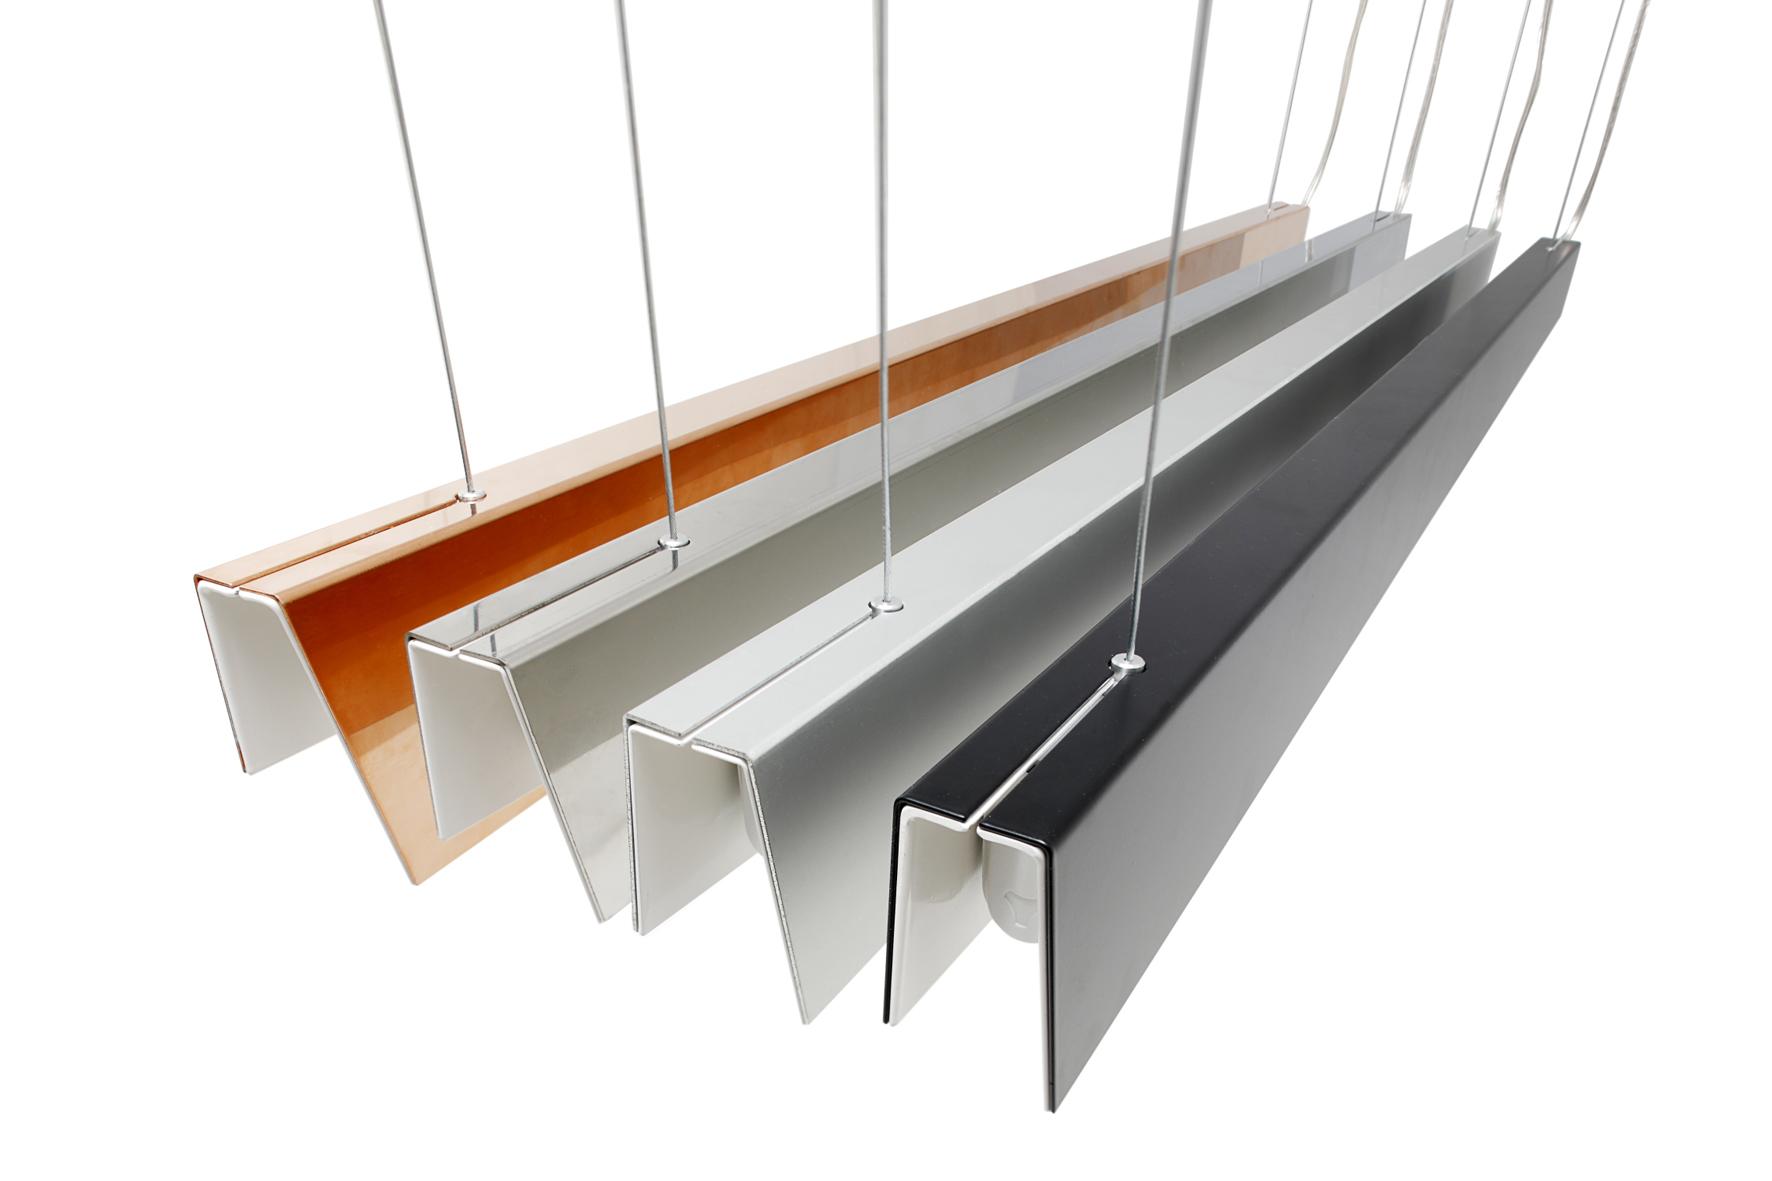 Fonk lifestyle peter van de water ontwerpt gispen tafel en lamp